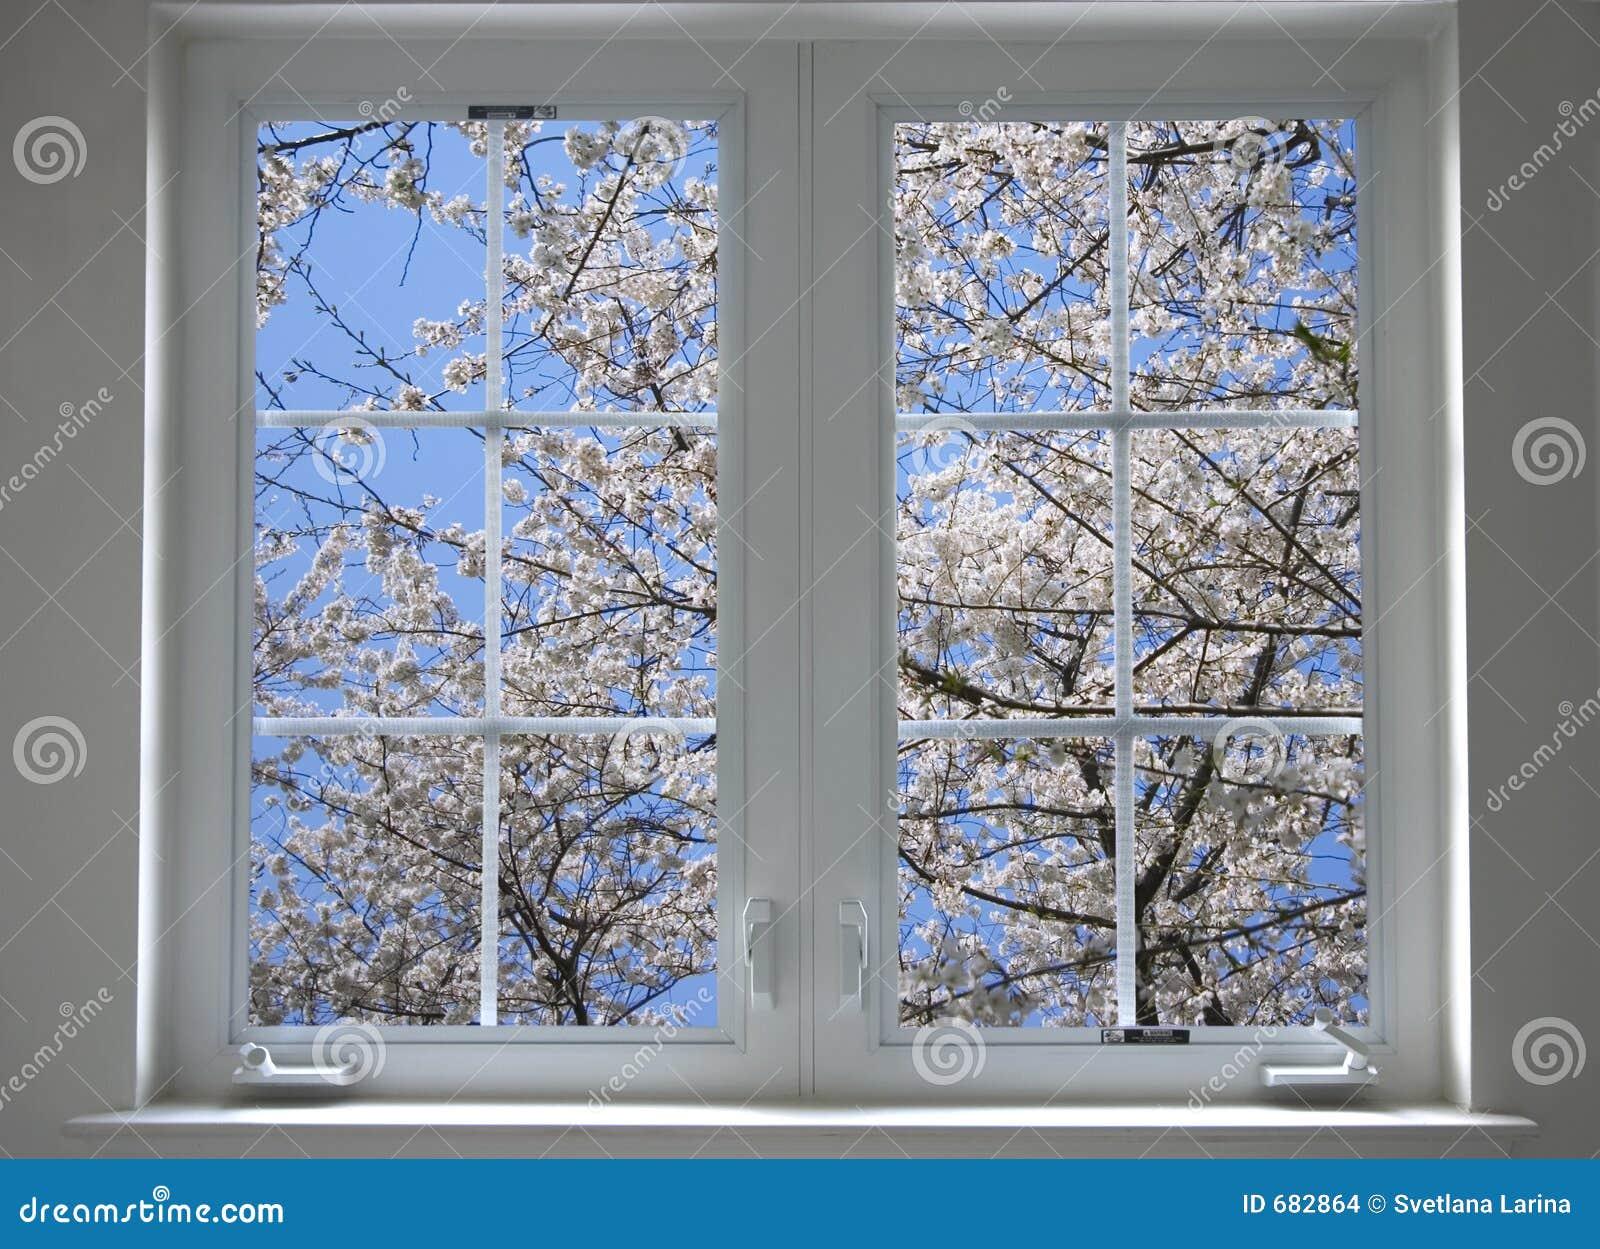 Wiosenne okno